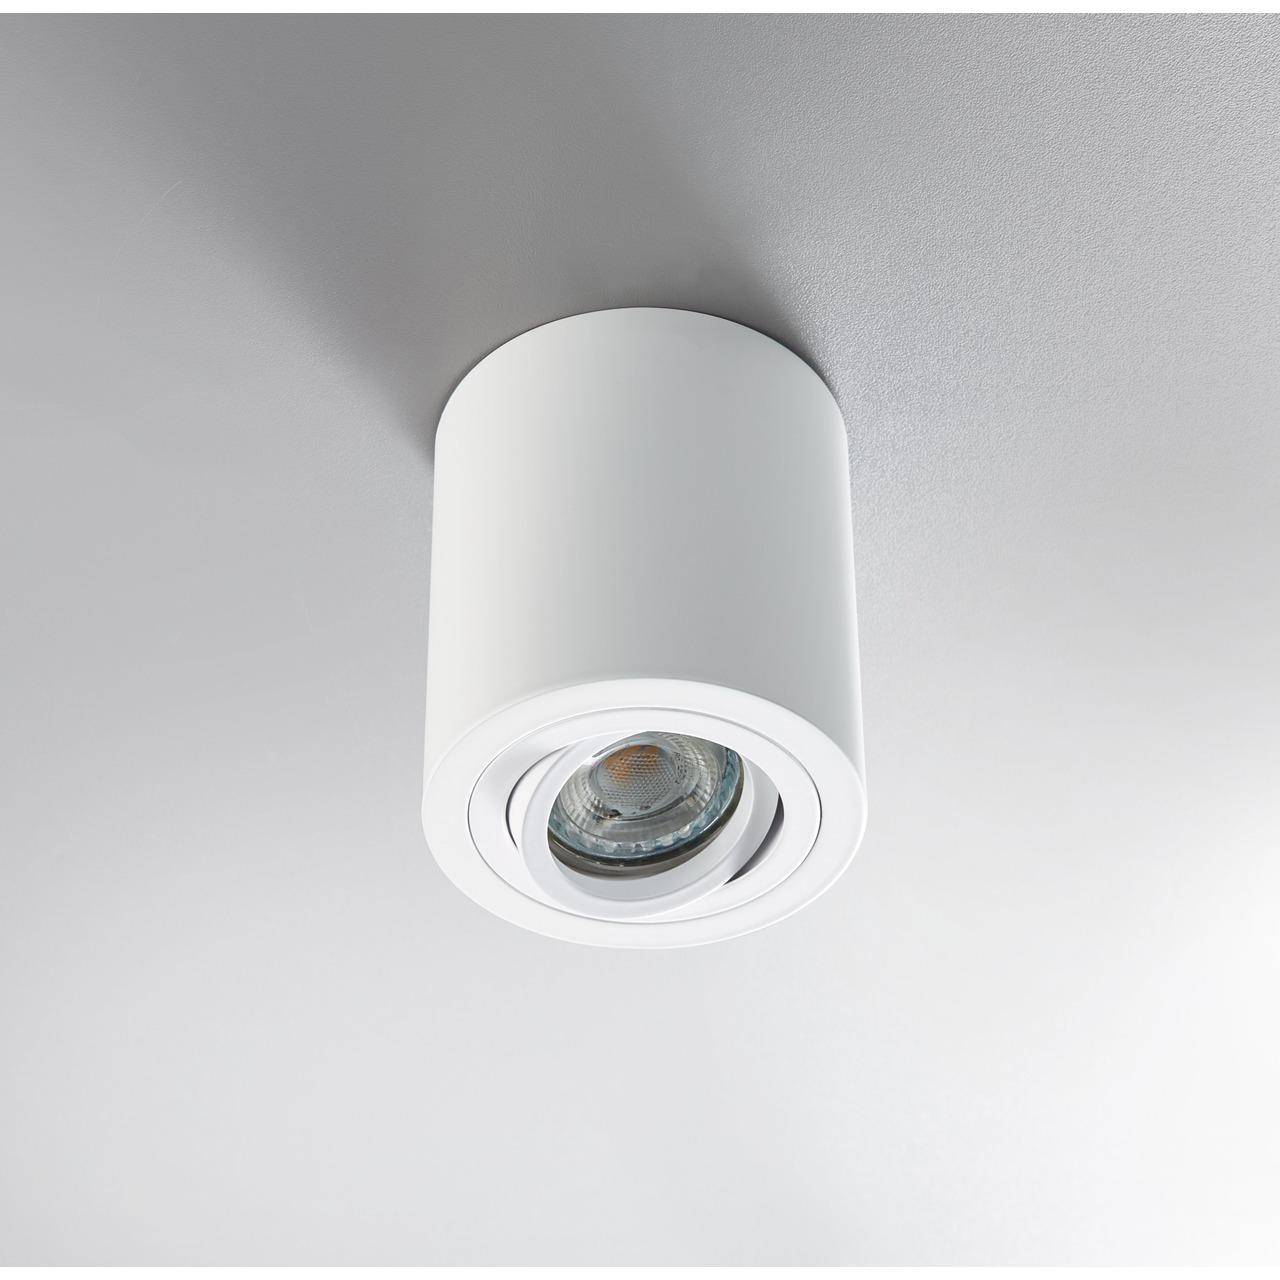 HEITRONIC Aufbaufassung ADL9301 f黵 GU10-Lampen- schwenk- und drehbar- weiss